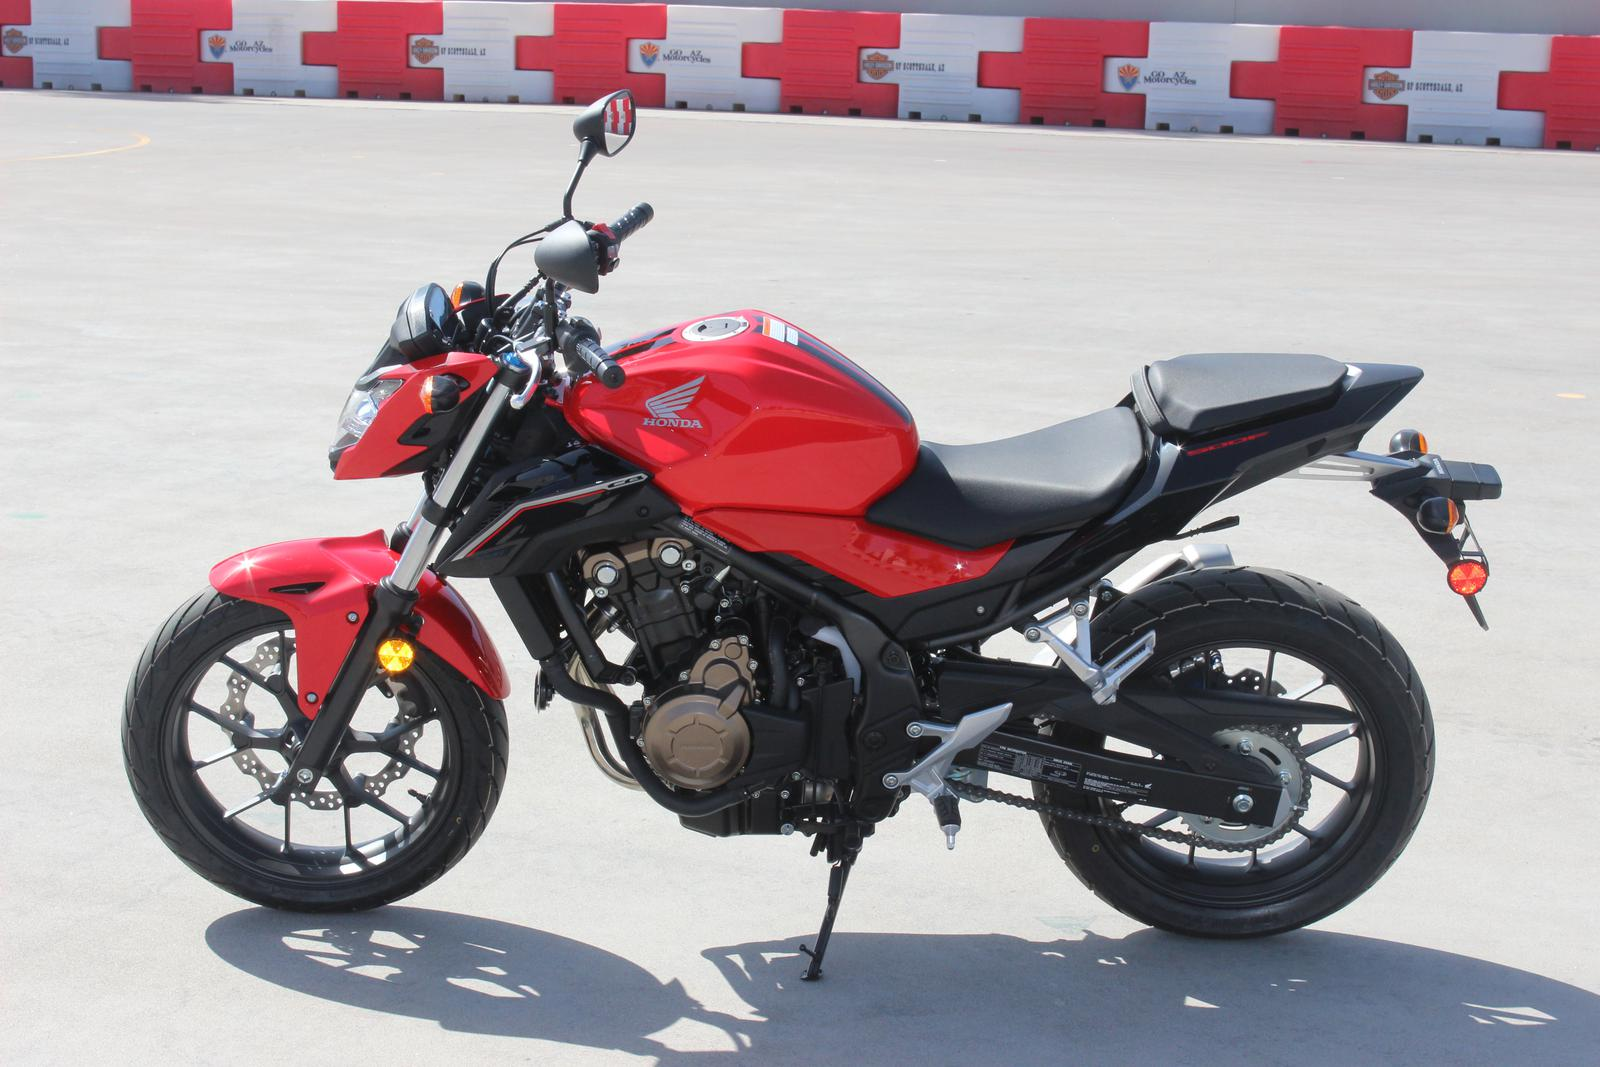 2017 honda cb500f for sale in scottsdale, az | go az motorcycles